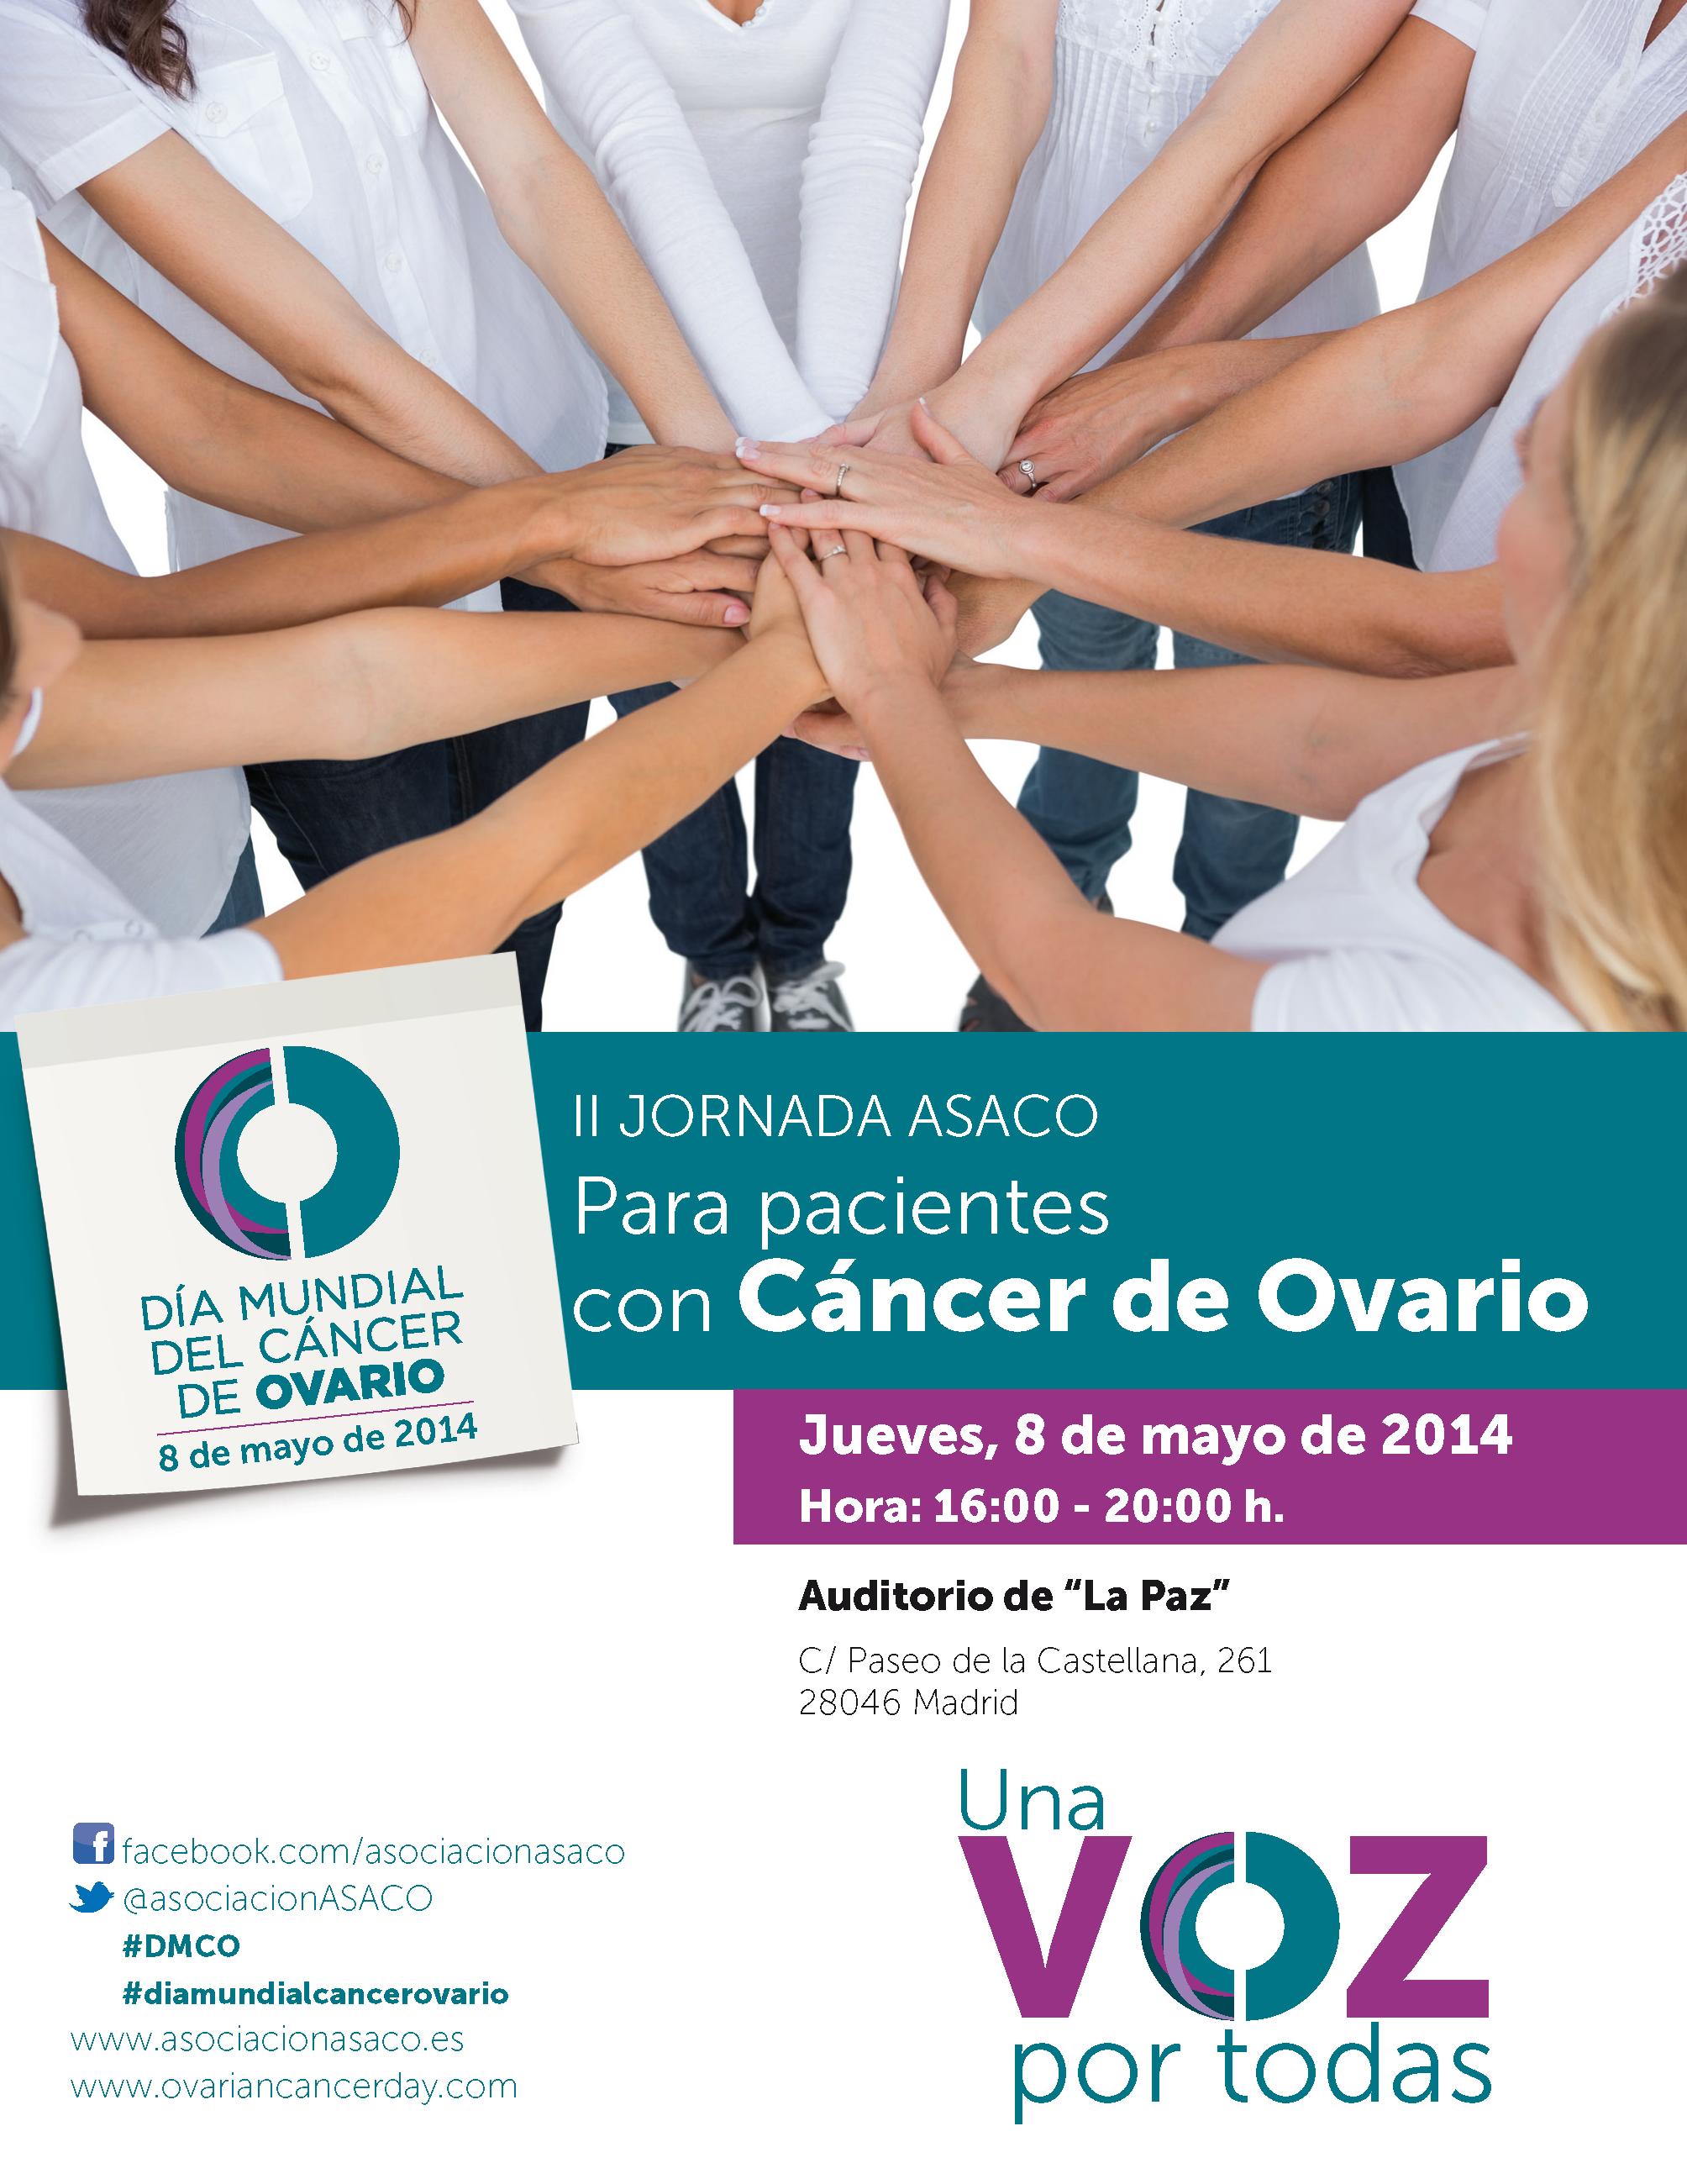 Poster previo DMCO 8 mayo 2014 cancer vario ASACO